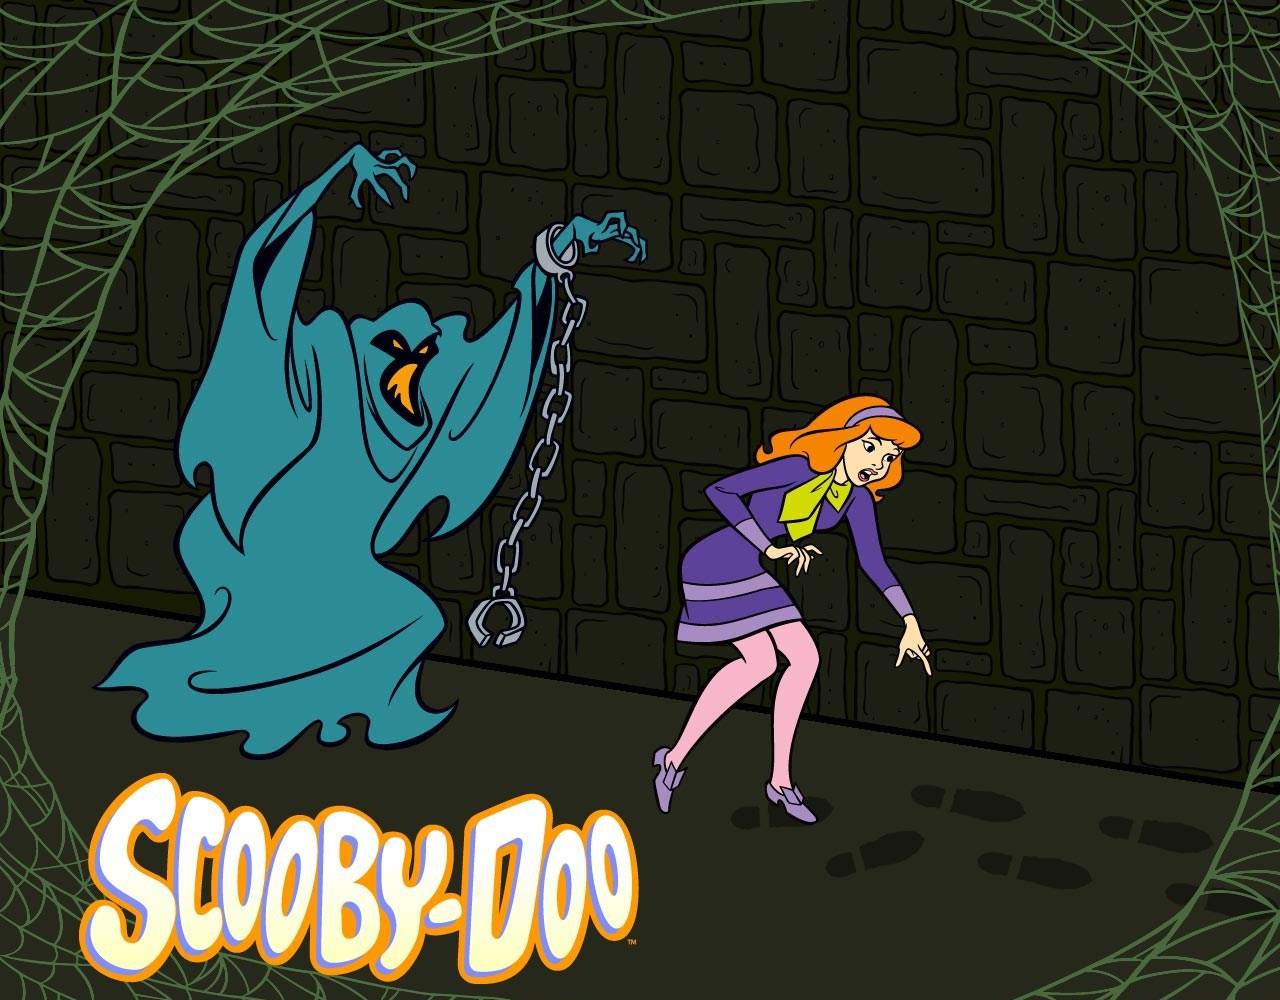 http://2.bp.blogspot.com/-4zuC0UG7o68/TsqXi_rvtgI/AAAAAAAACt0/DQ1oKsYdoqw/s1600/scooby-doo-wallpaper-014.jpg